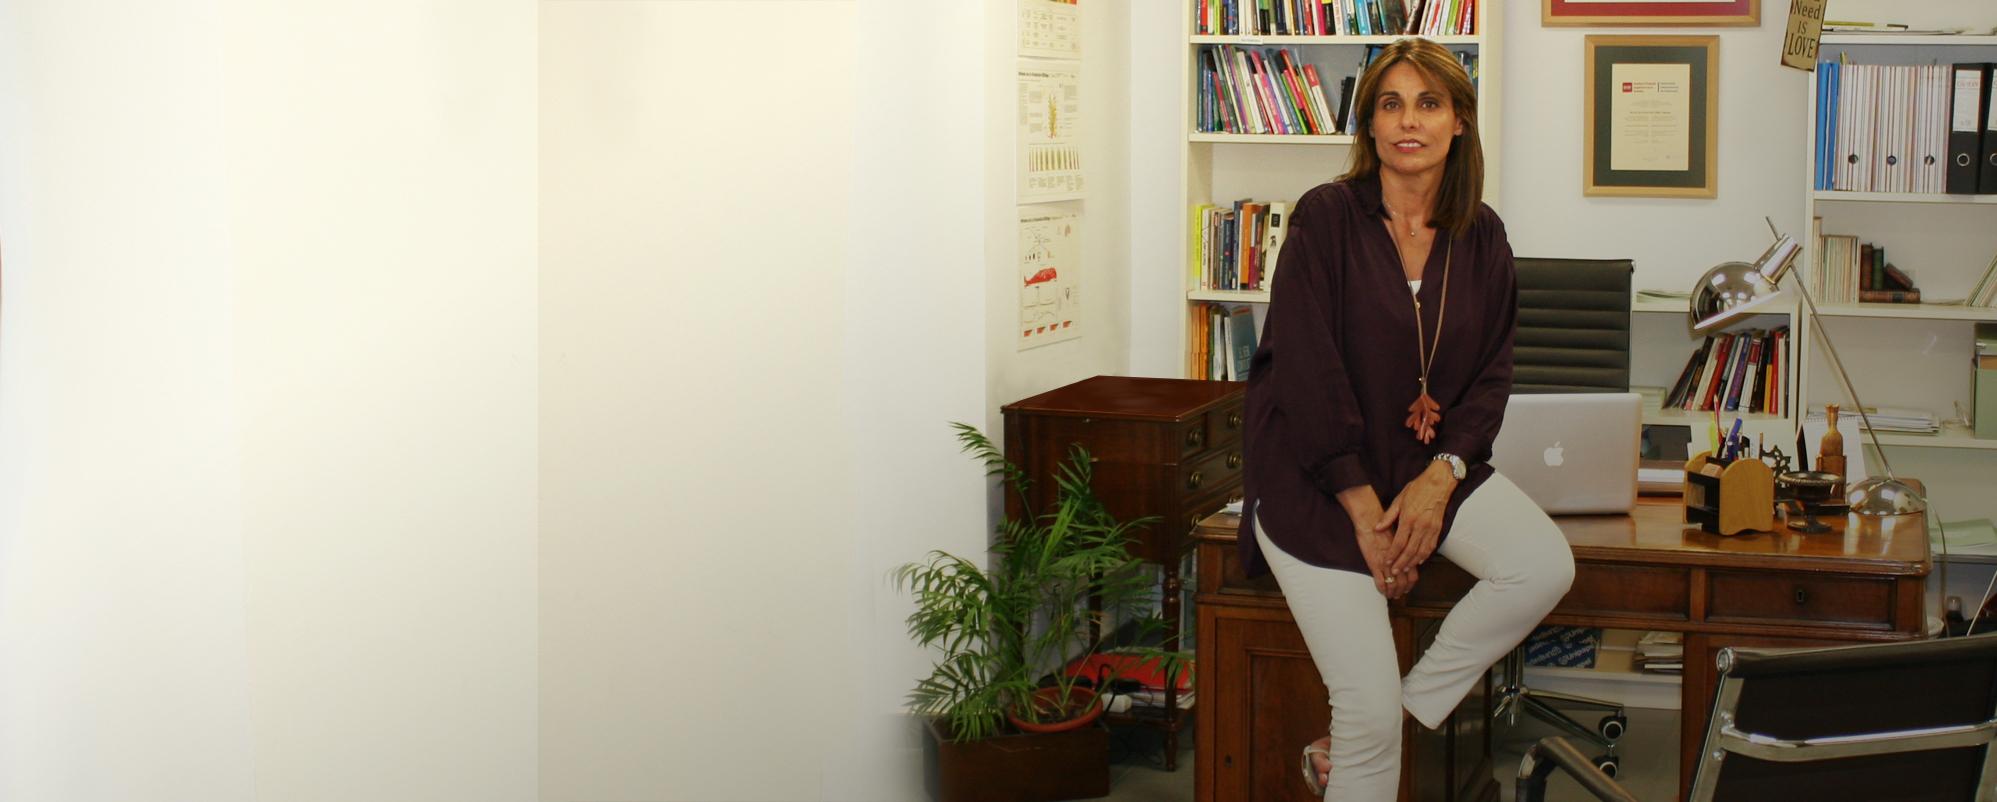 Cabecera Paloma en su consulta Matrimonio y Familia